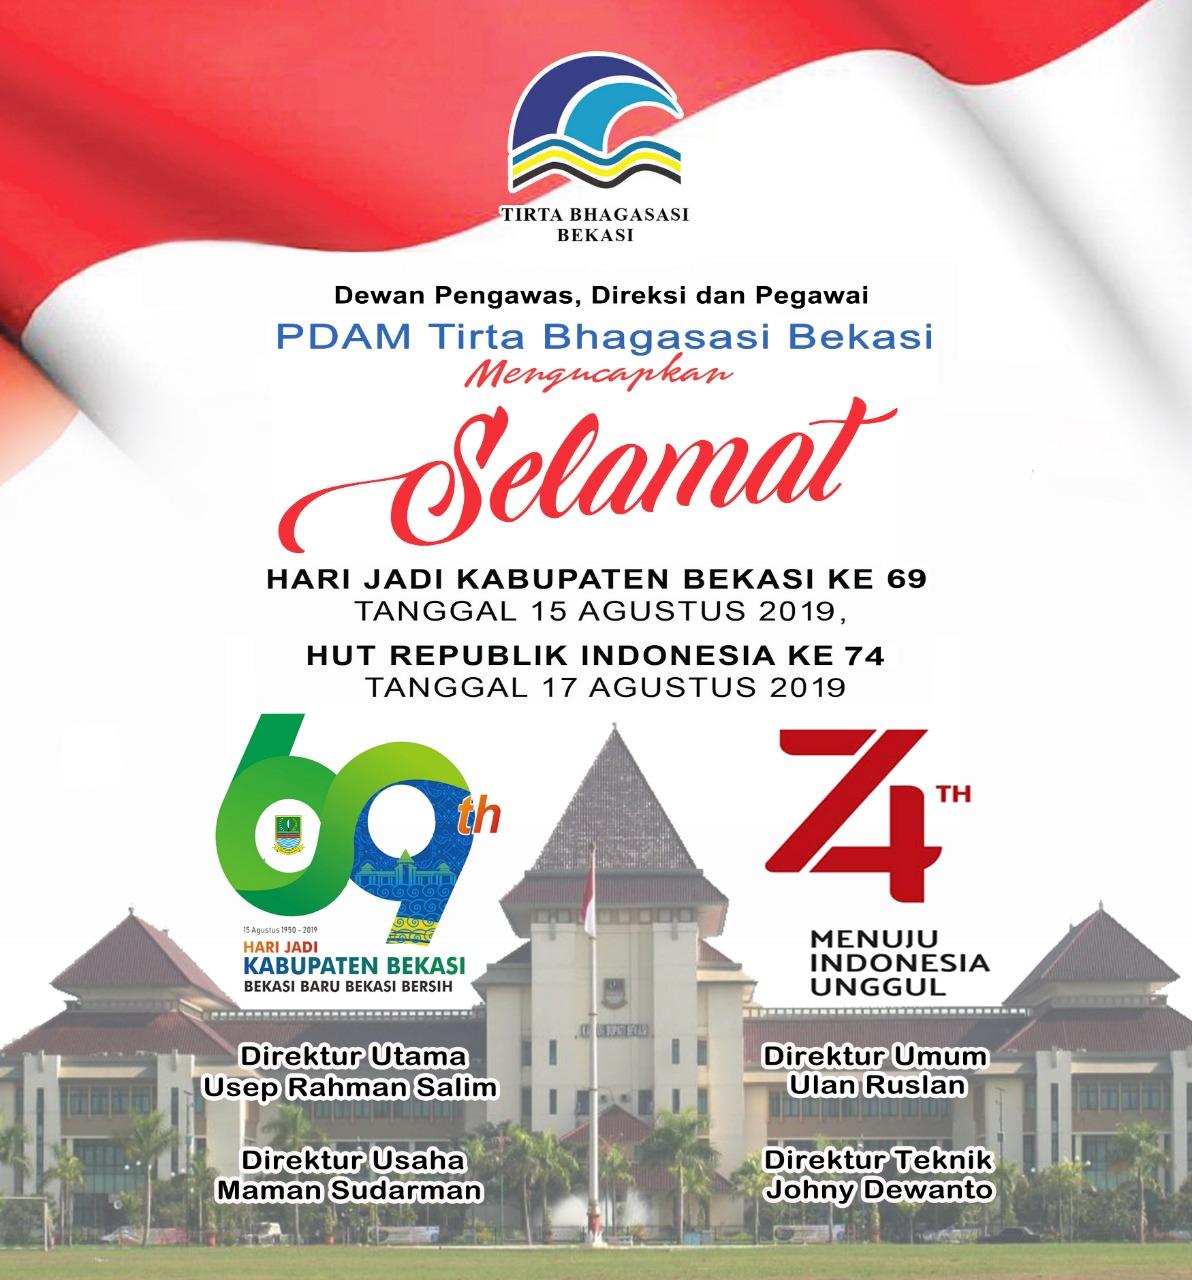 PDAM Tirta Bhagasi Bekasi Mengucapkan Selamat Hari Jadi Kabupaten Kota Bekasi dan Hut Republik Indonesia ke-74